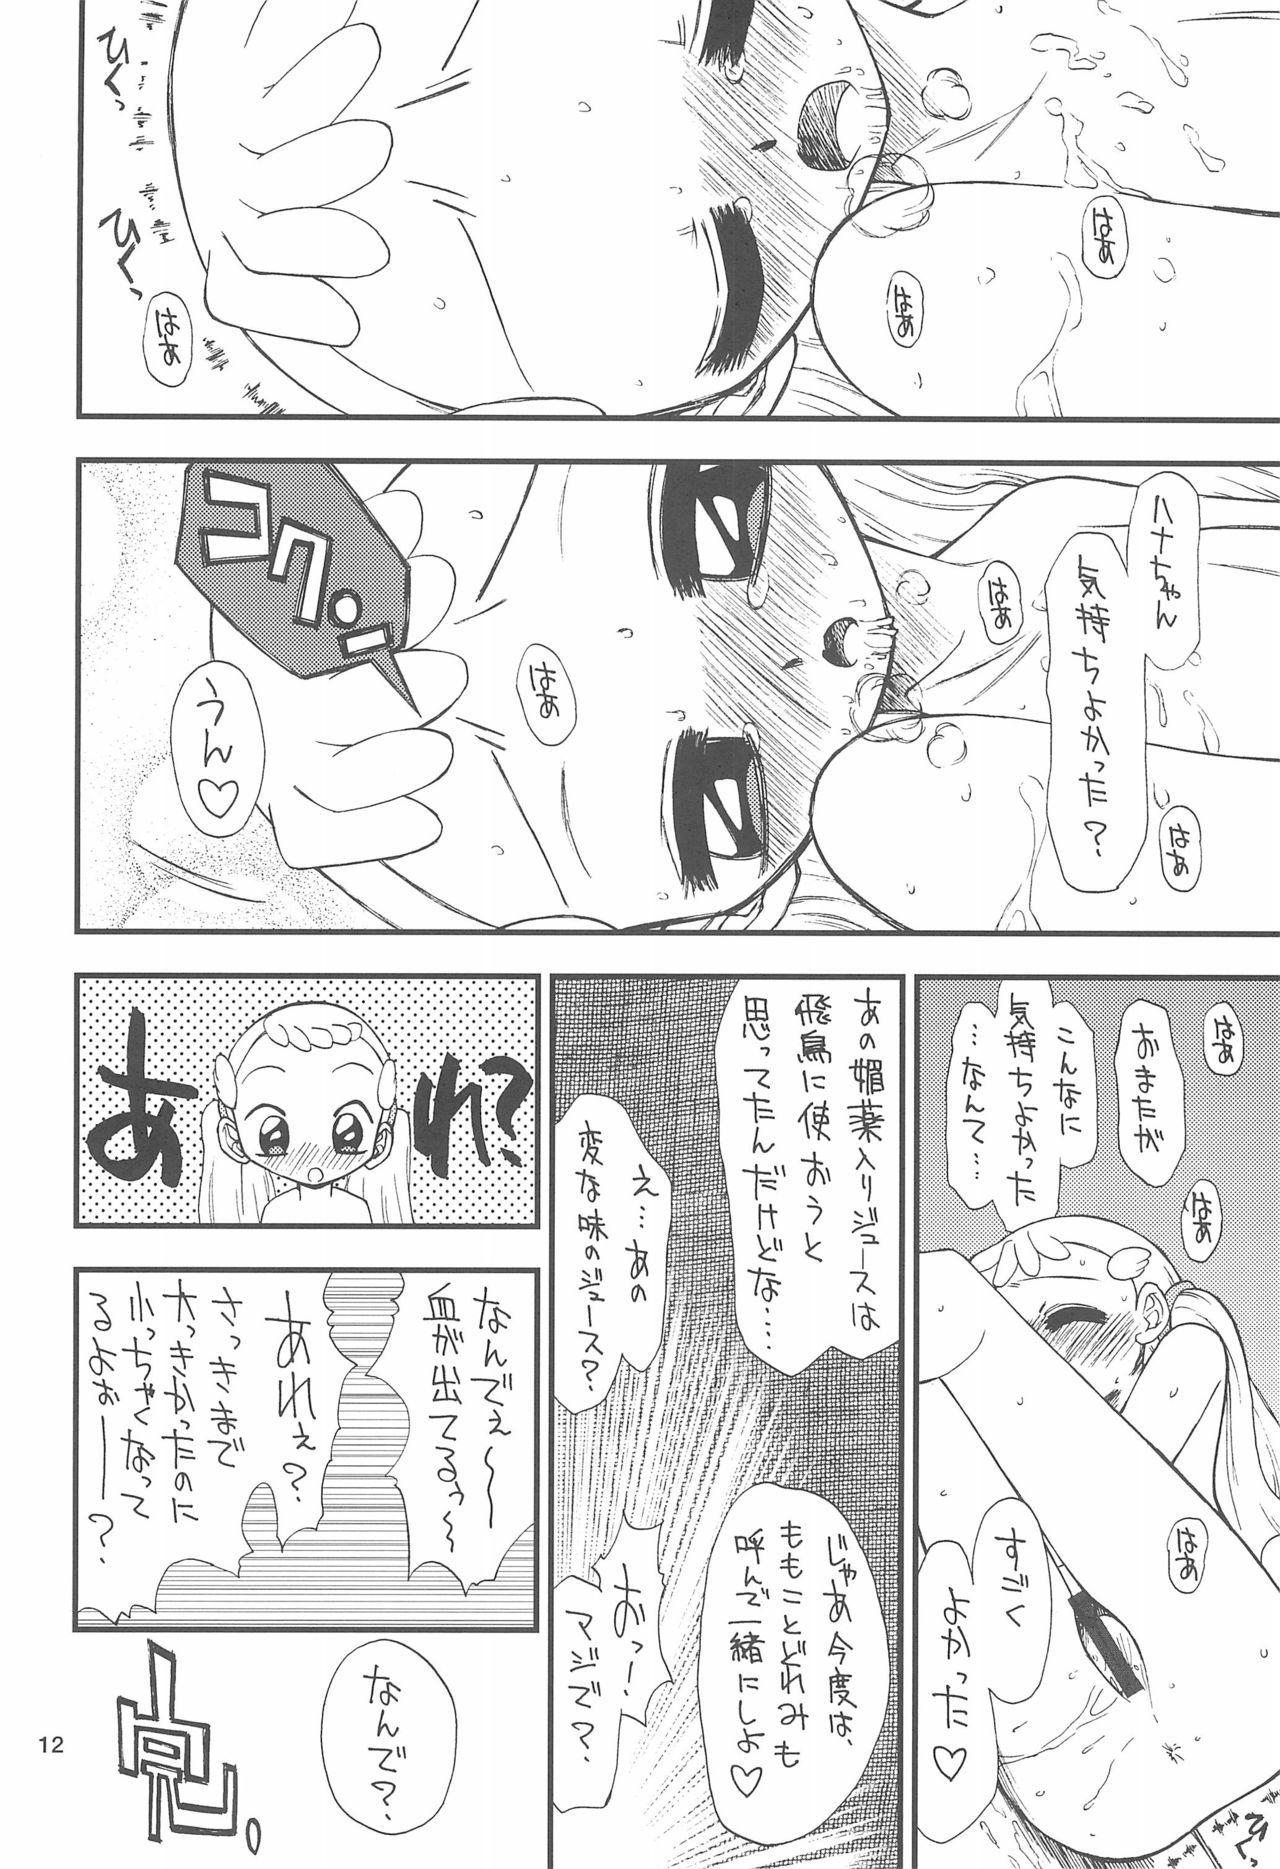 [Tokai Oohashi (Kari) (Ryu-ya)] Onpu-chan/Hana-chan (Ojamajo Doremi) 13